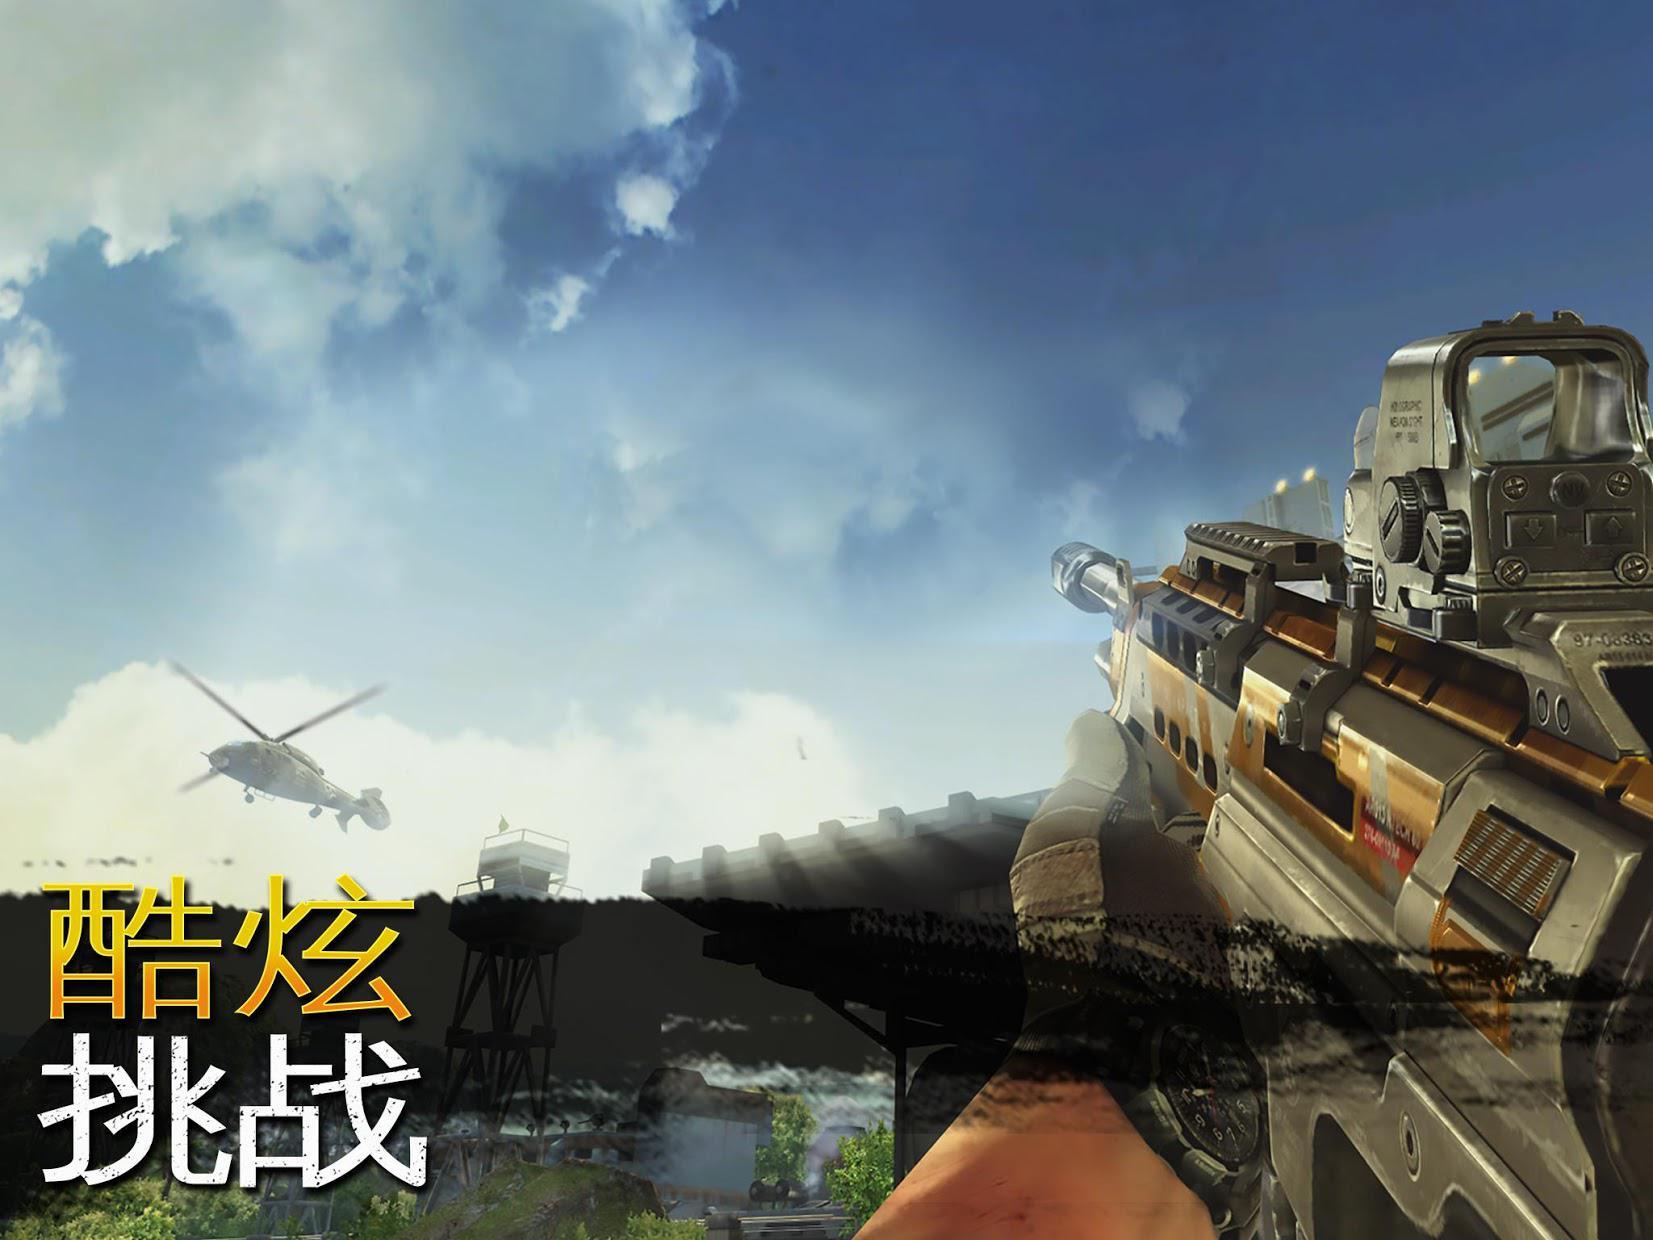 炽热狙击:最好玩的射击游戏 游戏截图2